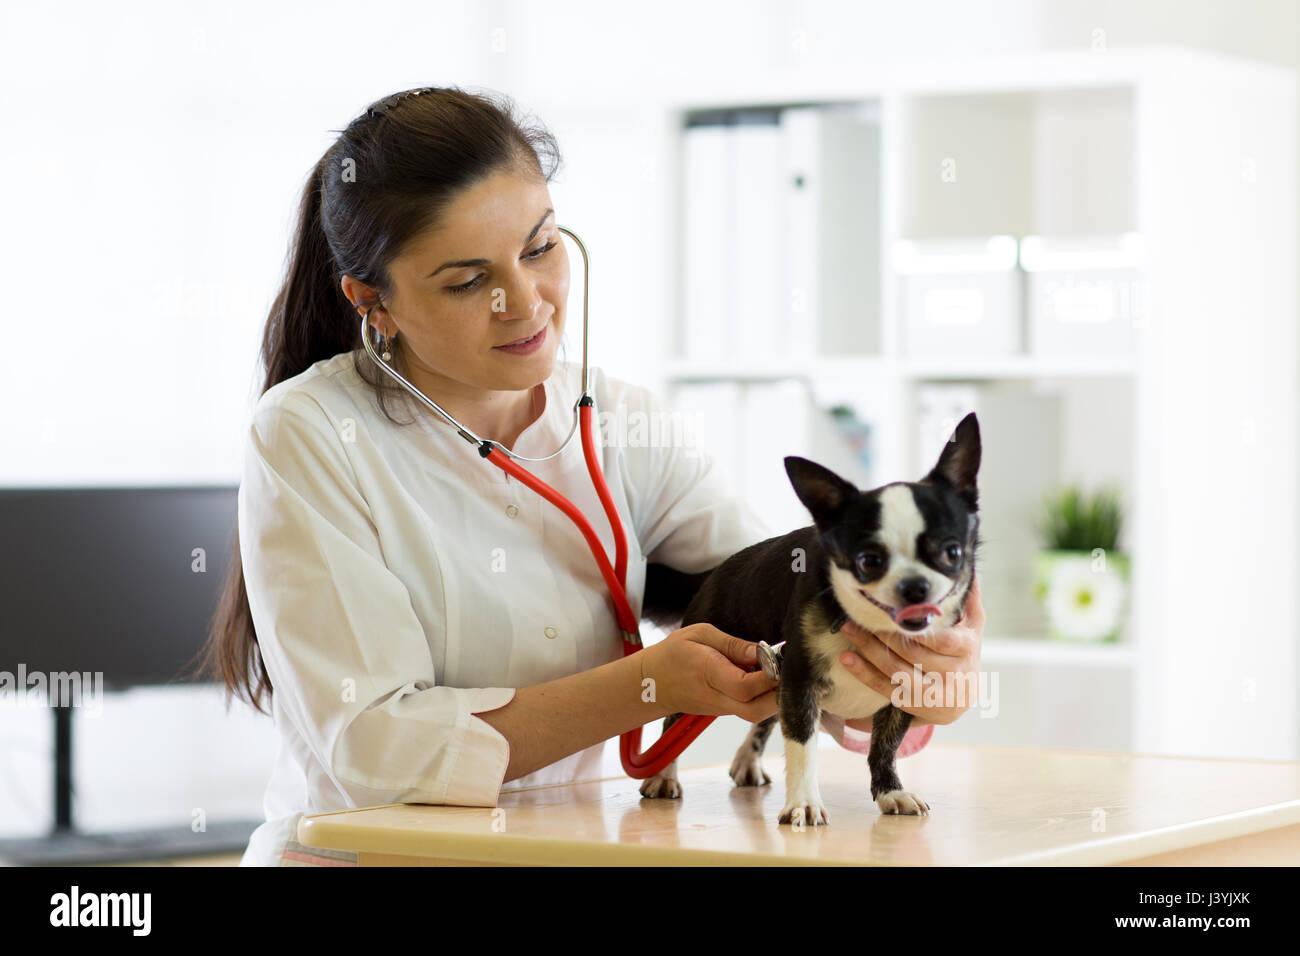 Veterinarian doctor and Chihuahua dog at vet ambulance - Stock Image